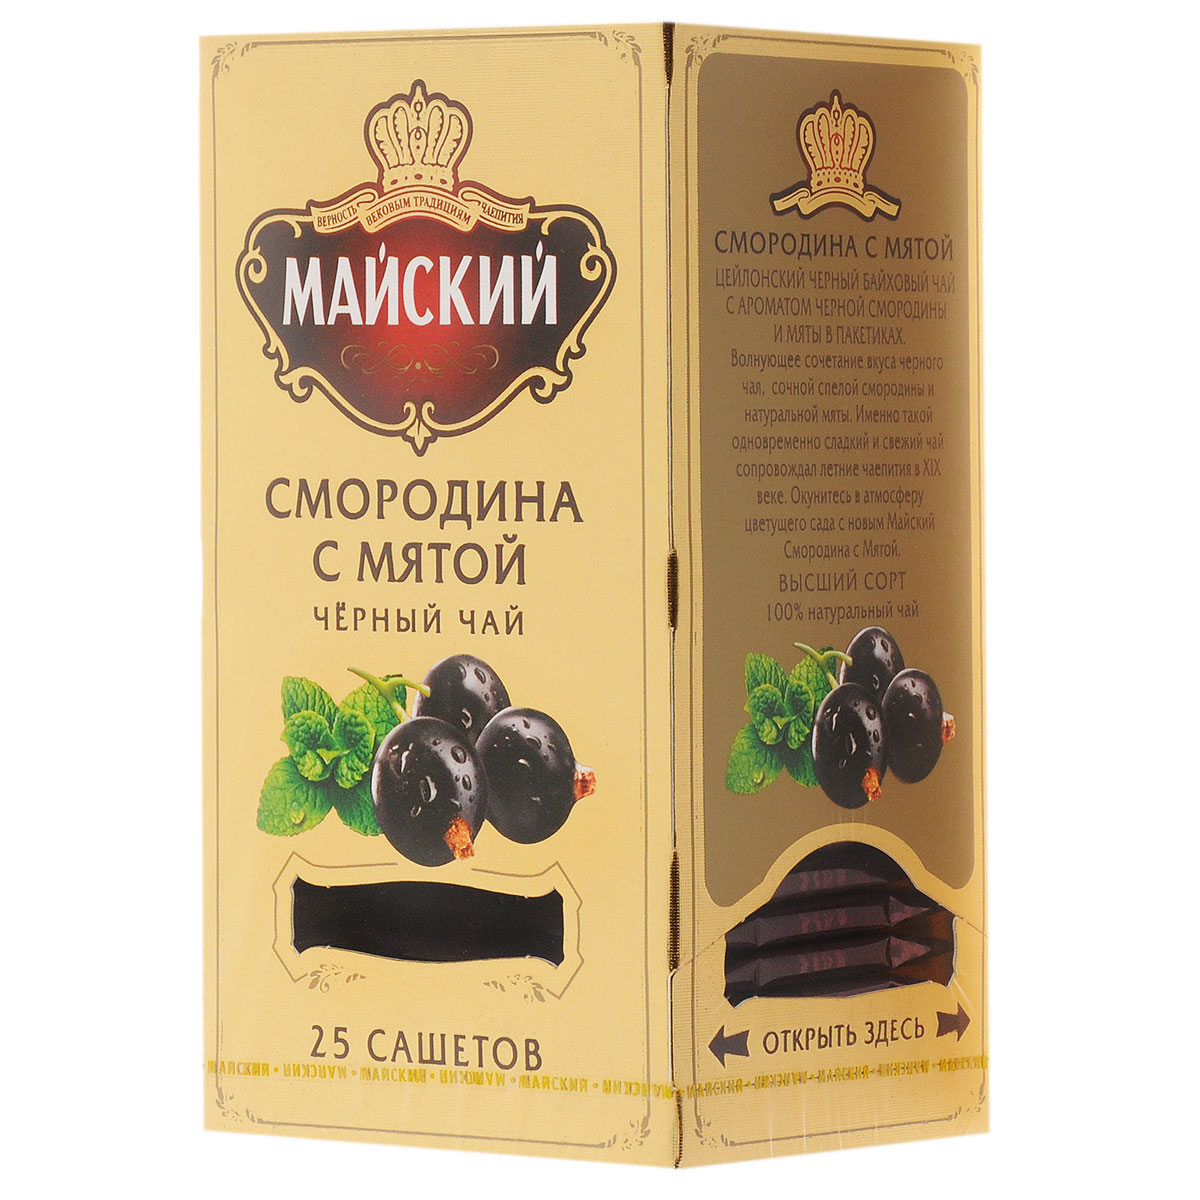 Майский Смородина с мятой черный ароматизированный чай в пакетиках, 25 шт0120710Майский Смородина с мятой - это волнующее сочетание вкуса черного чая, сочной спелой смородины и натуральной мяты.